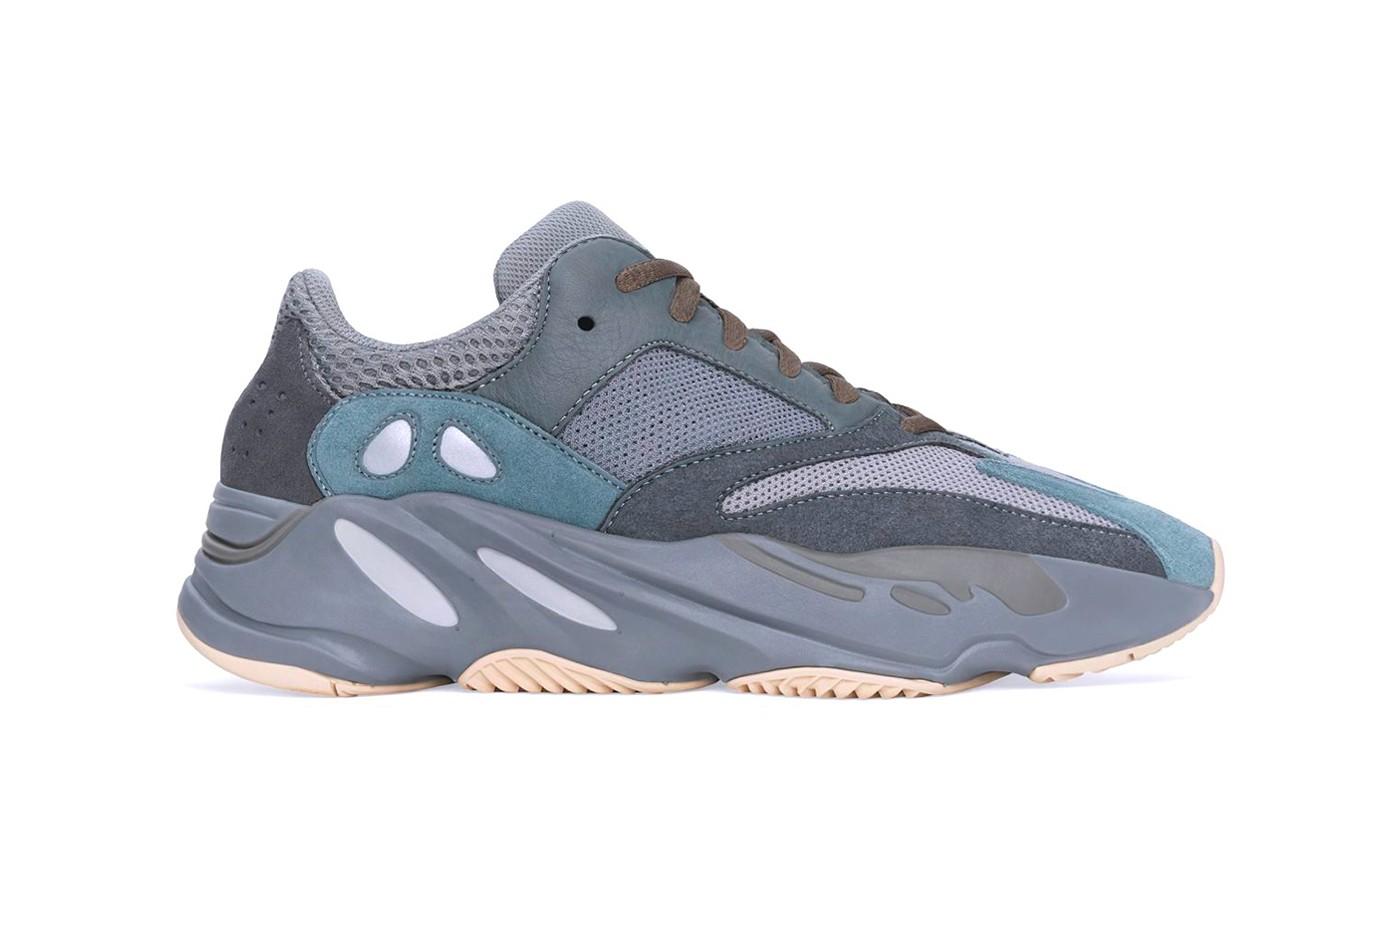 6 phát hành giày thể thao ấn tượng sắp ra mắt (14-21/10/2019) - Hình 23